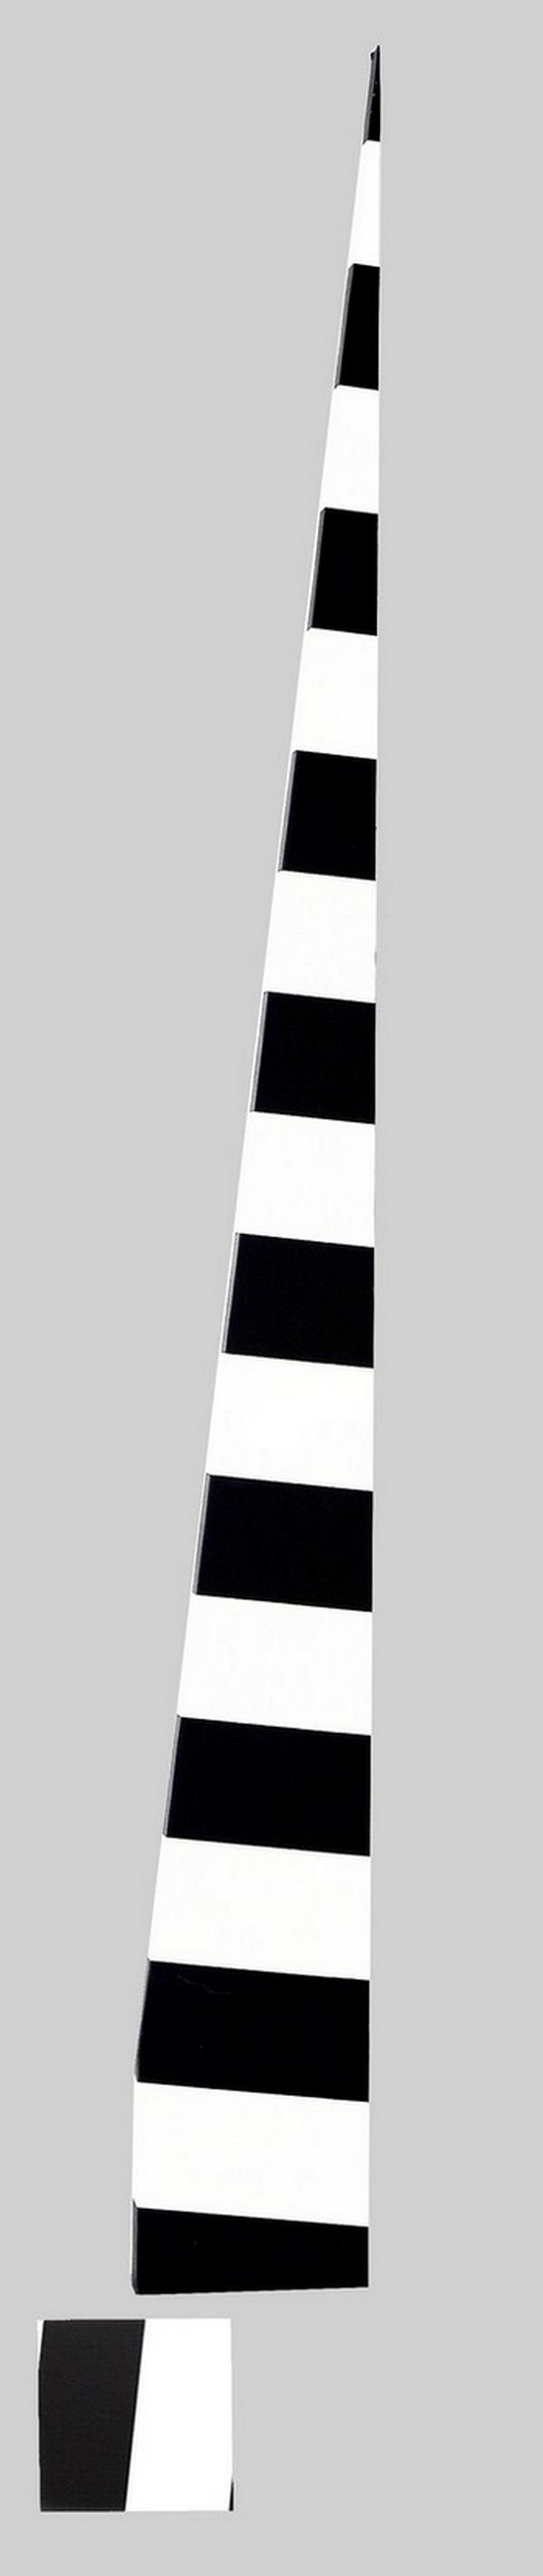 Ridell-Torsten-Diptico-2-acrílico-sobre-tela-105cm-x-60cm-19992000